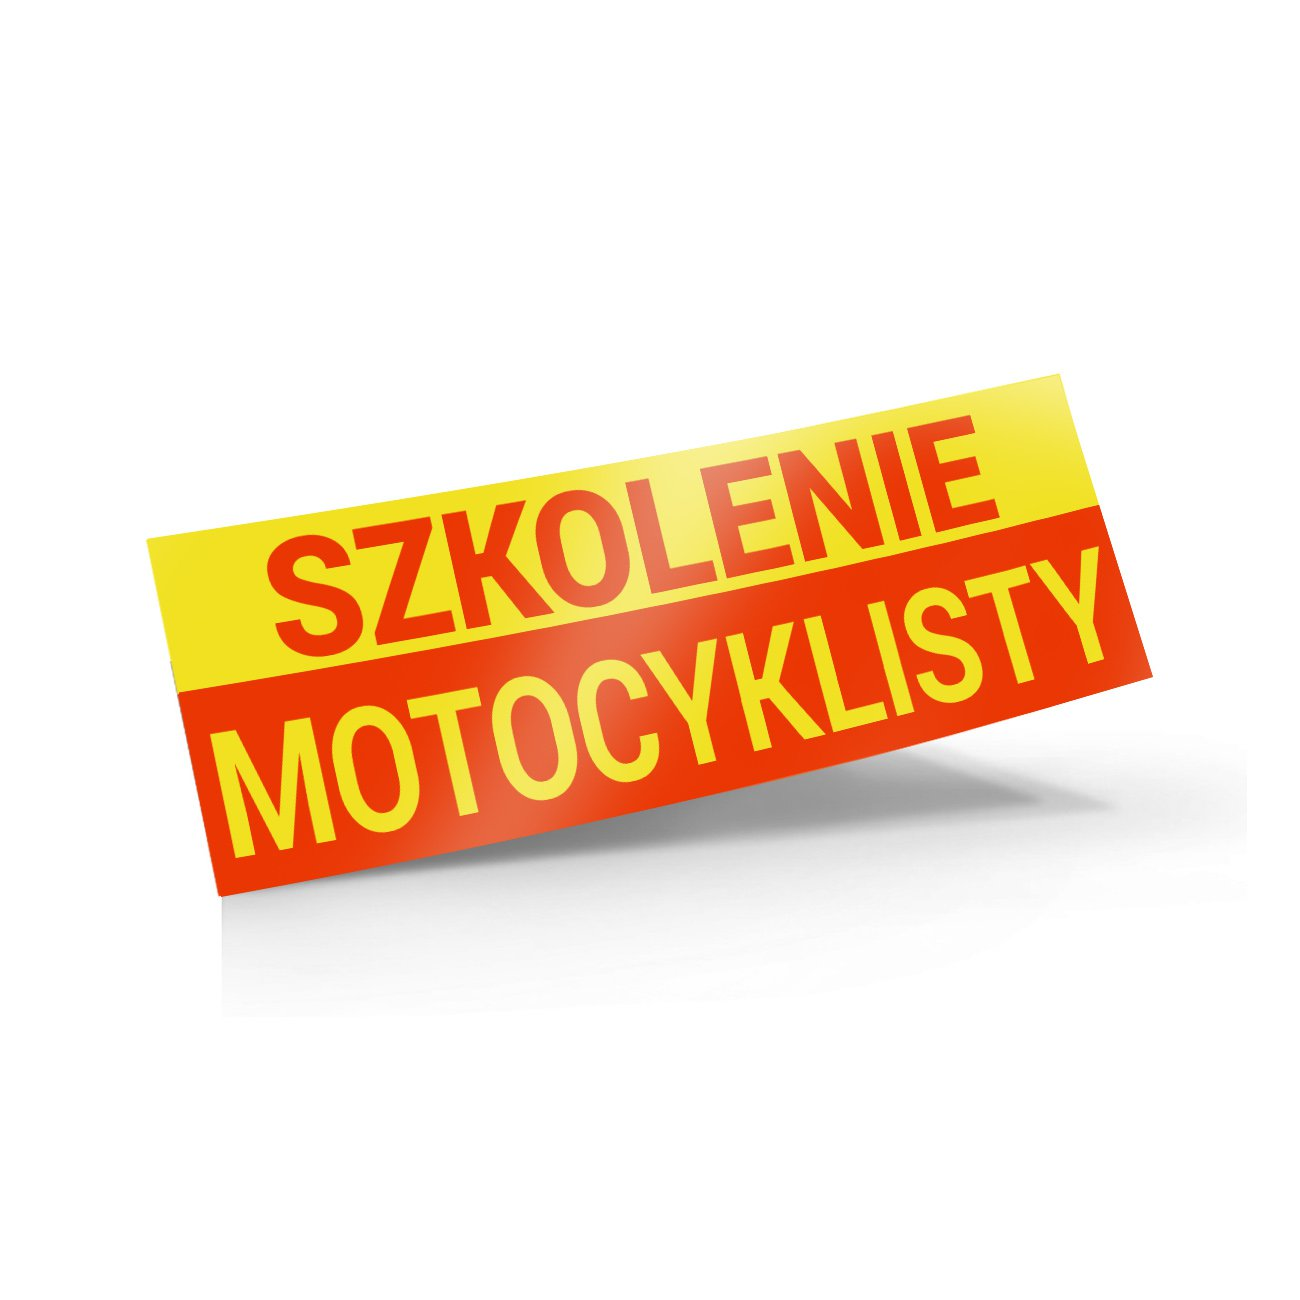 naklejka szkolenie motocyklisty